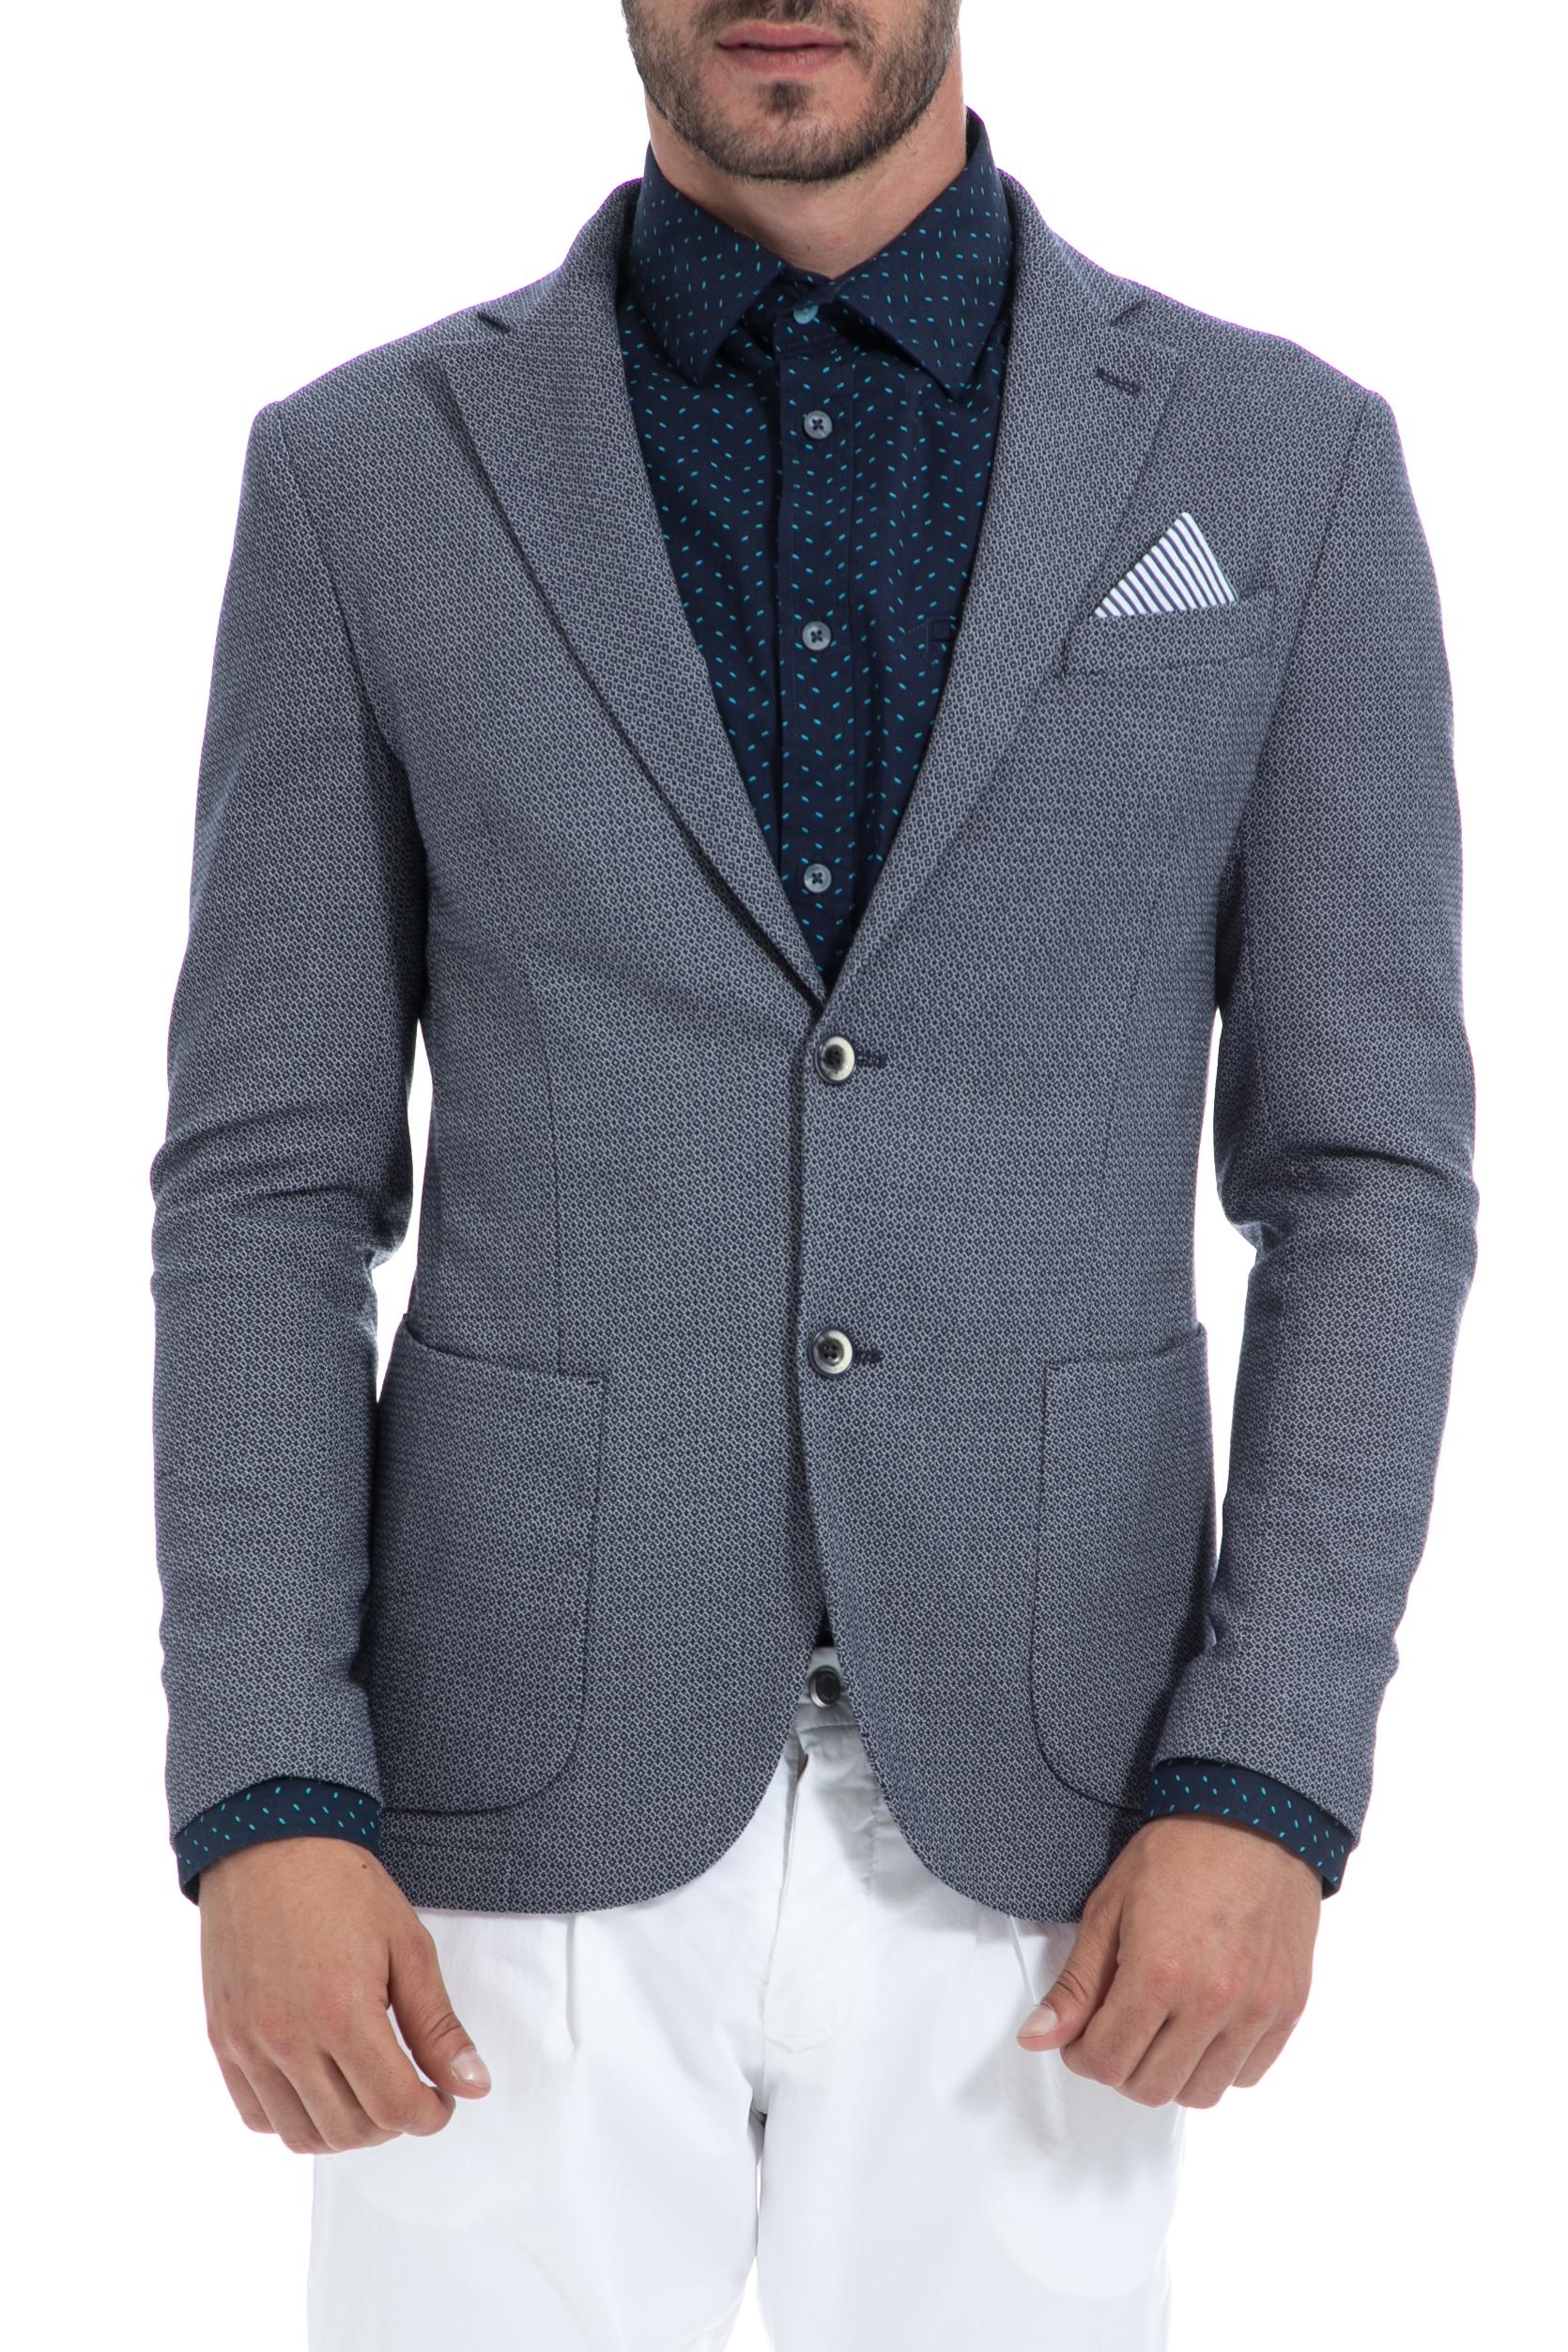 SSEINSE - Ανδρικό σακάκι SSEINSE γκρι ανδρικά ρούχα πανωφόρια σακάκια